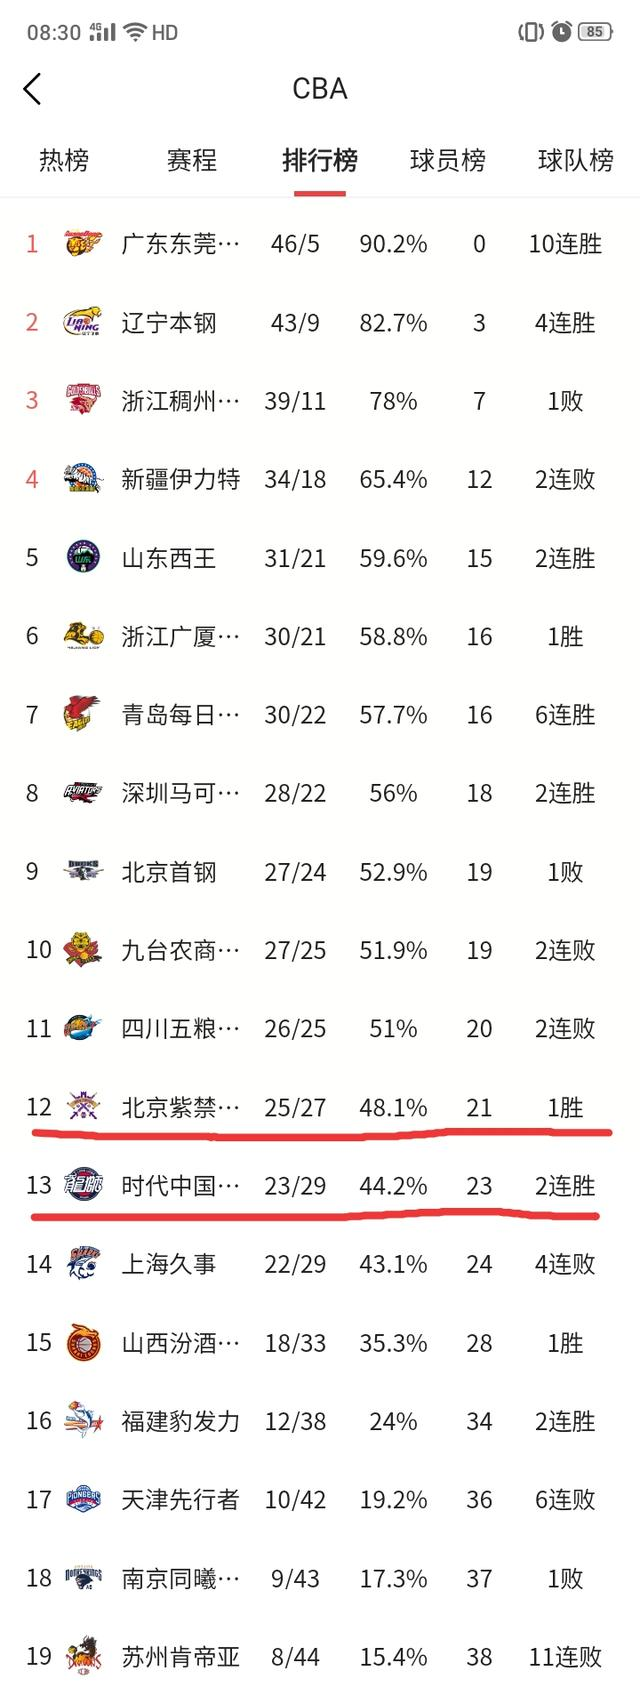 北控队和广州队究竟谁能笑进季后赛